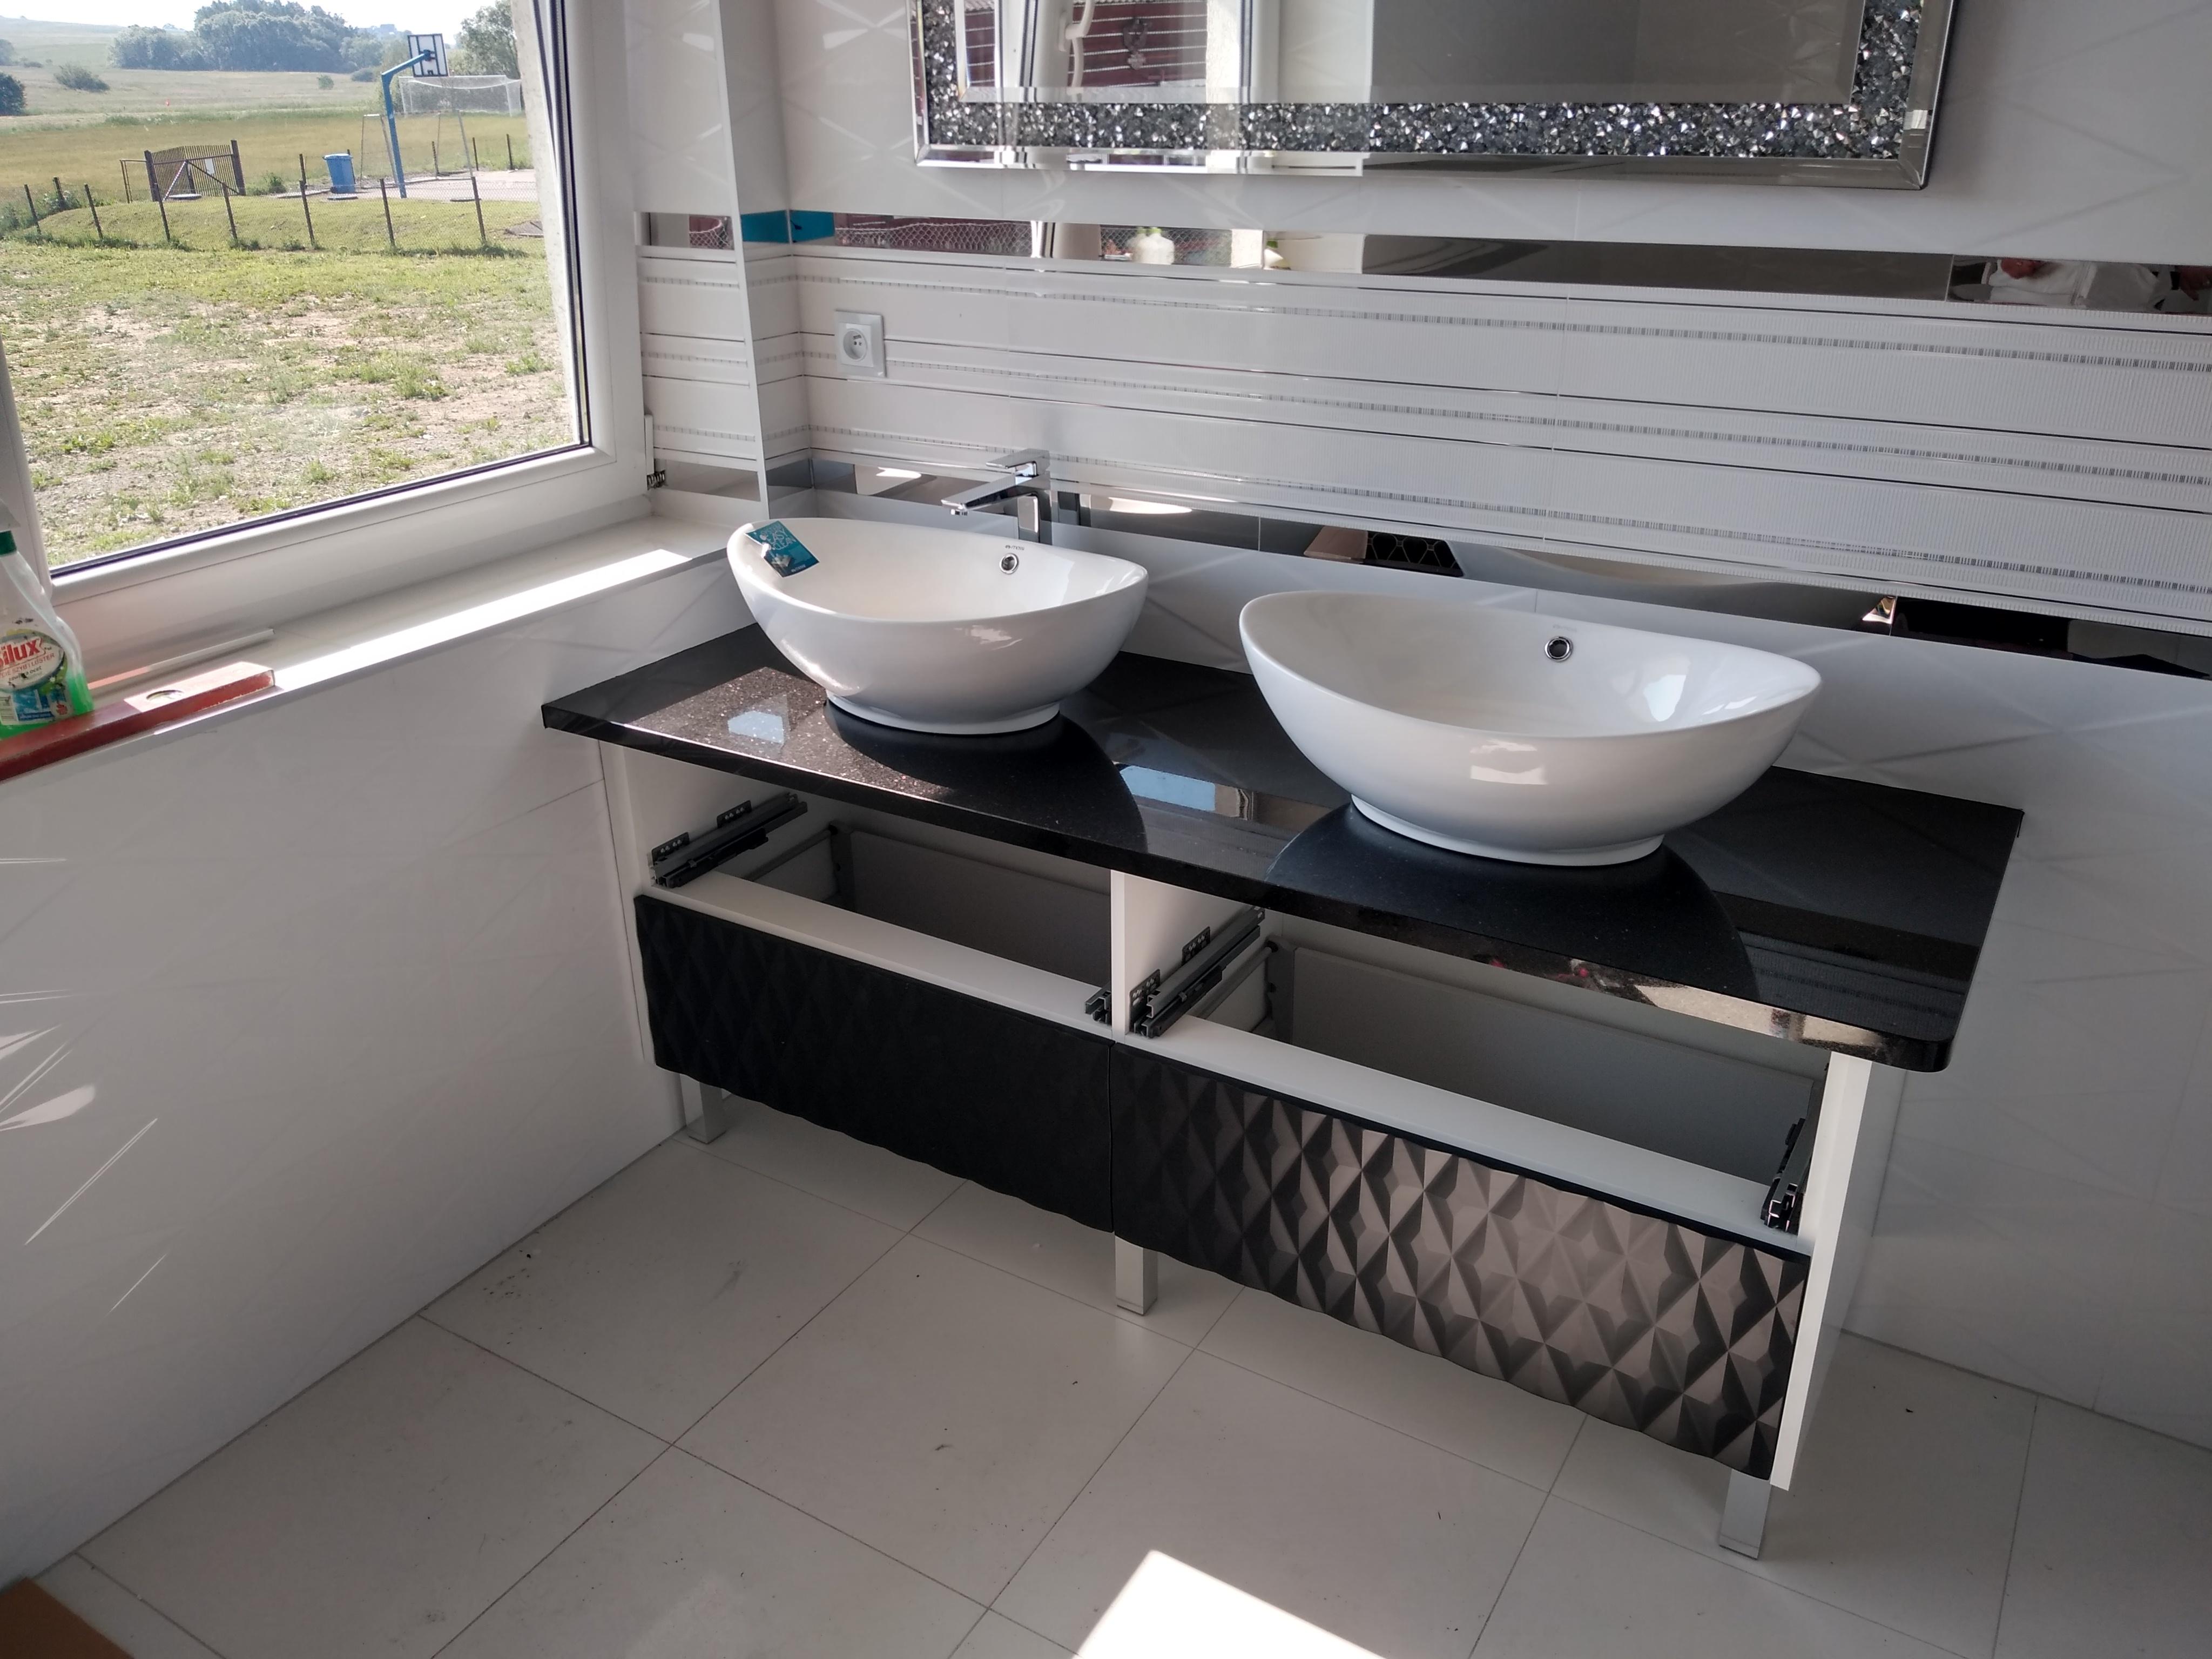 Blat Do łazienki Z Kamienia Nowy Targ Produkty Z Kamienia